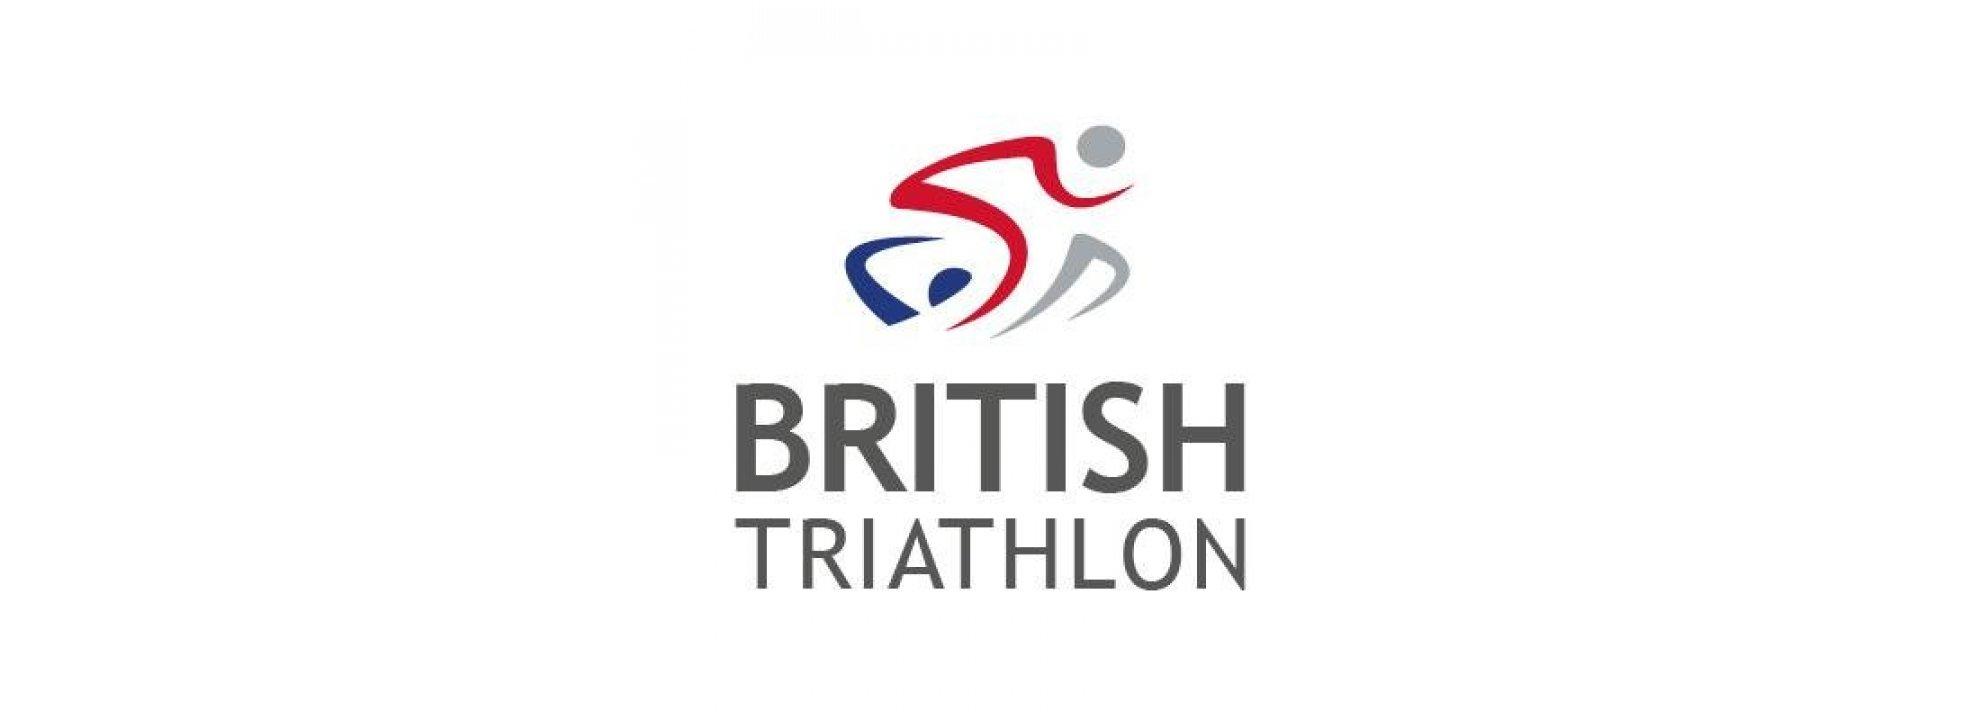 British Triathlon - Event Volunteer Banner